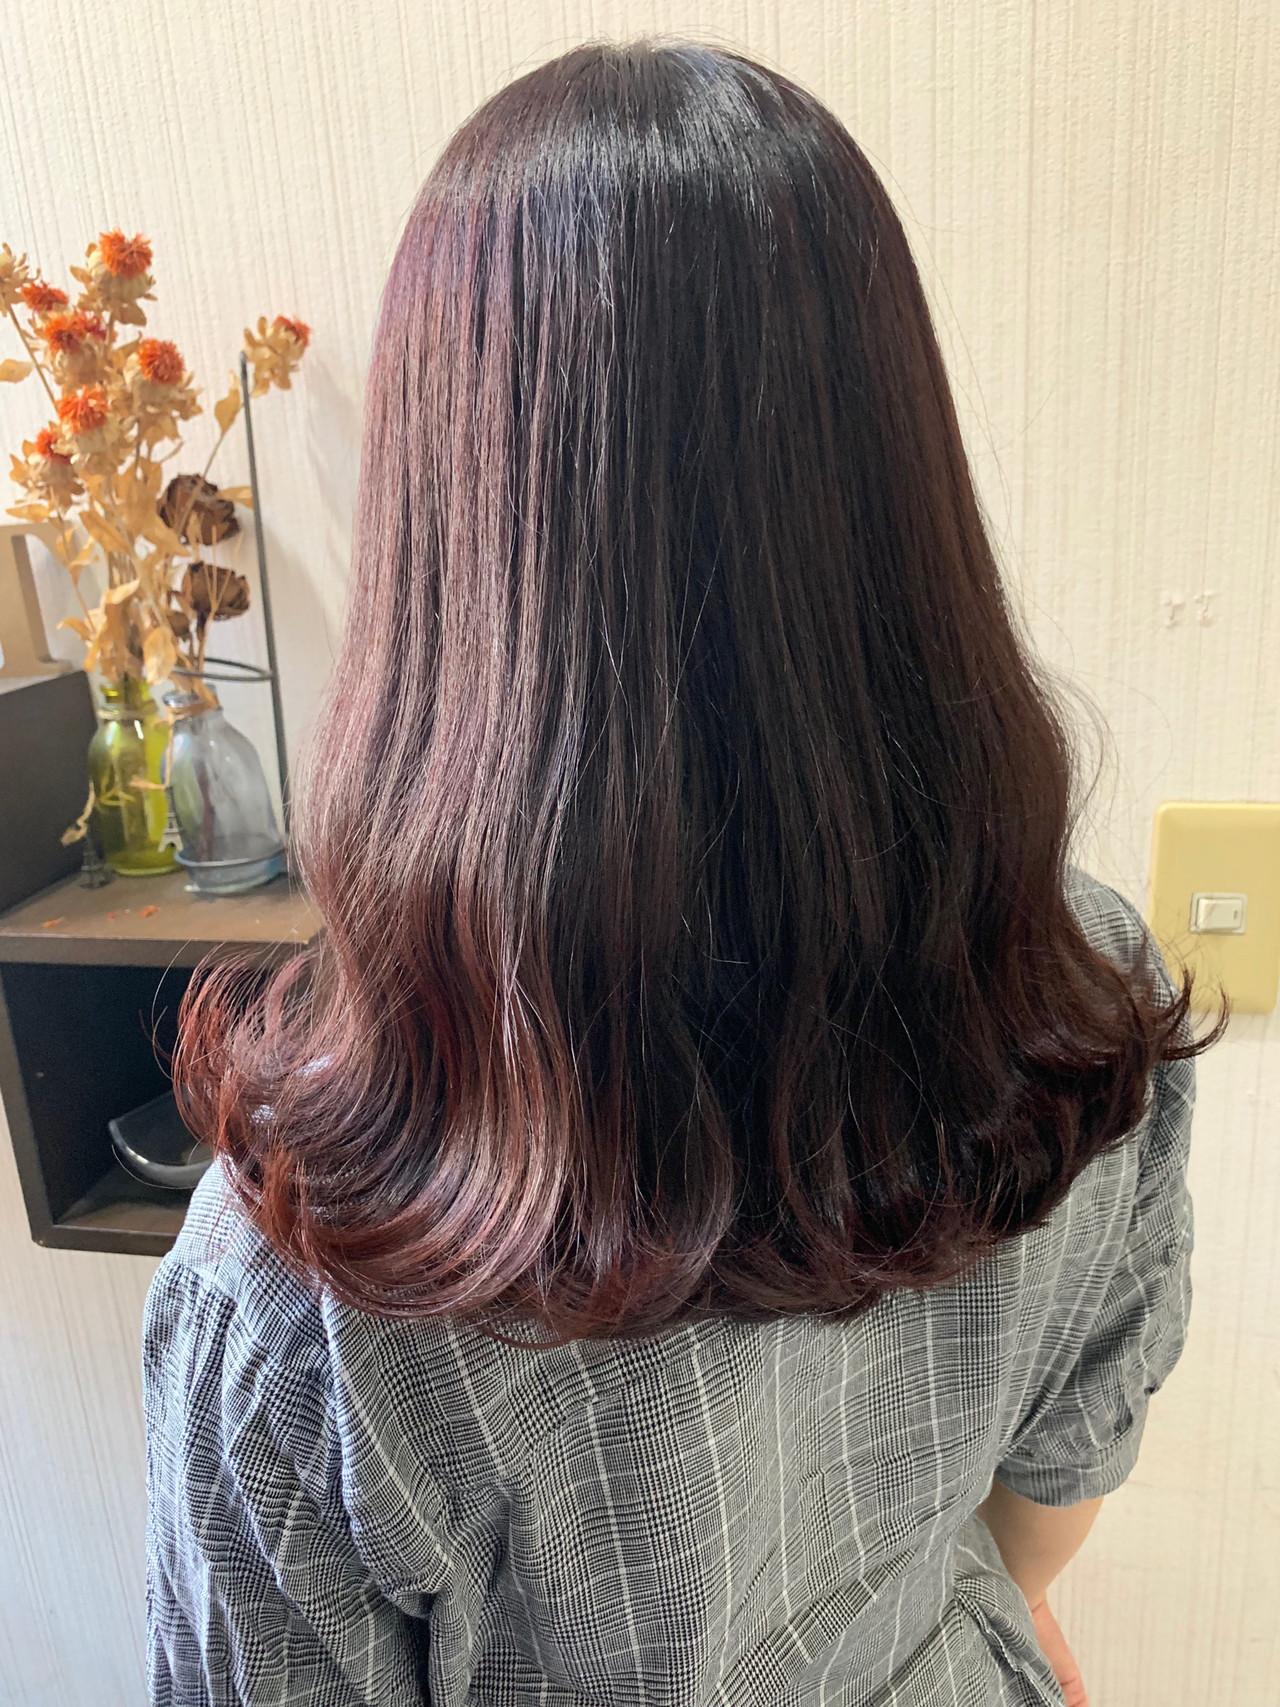 秋ブラウン 大人女子 ナチュラル ミディアム ヘアスタイルや髪型の写真・画像